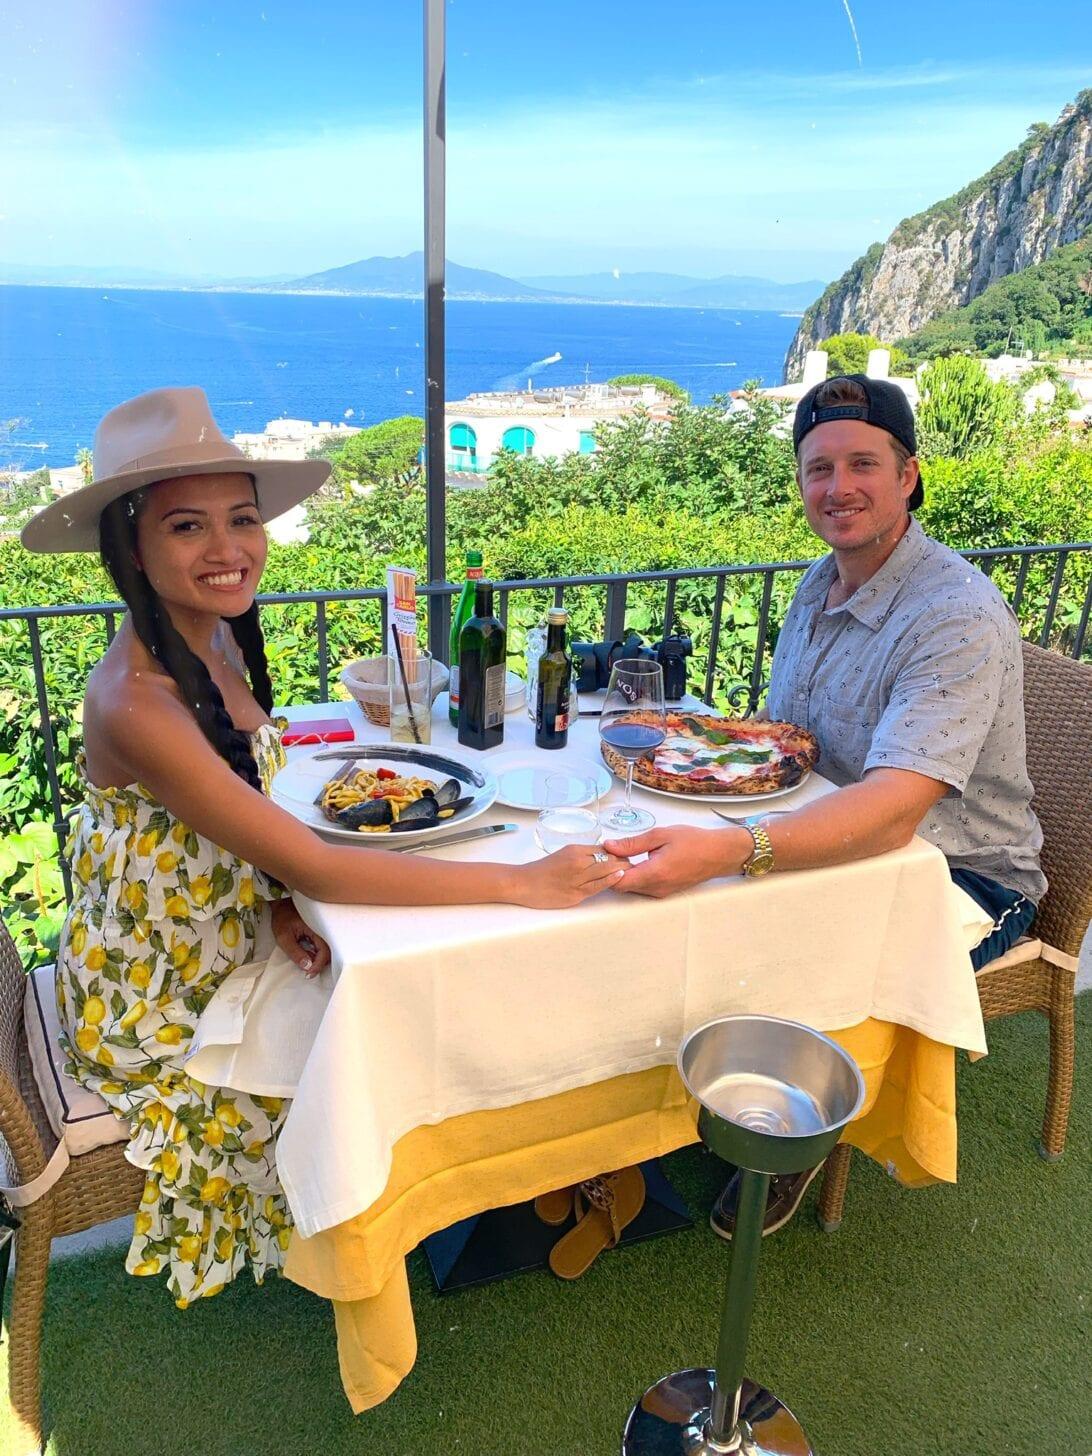 Restaurants in Capri, lemon trees